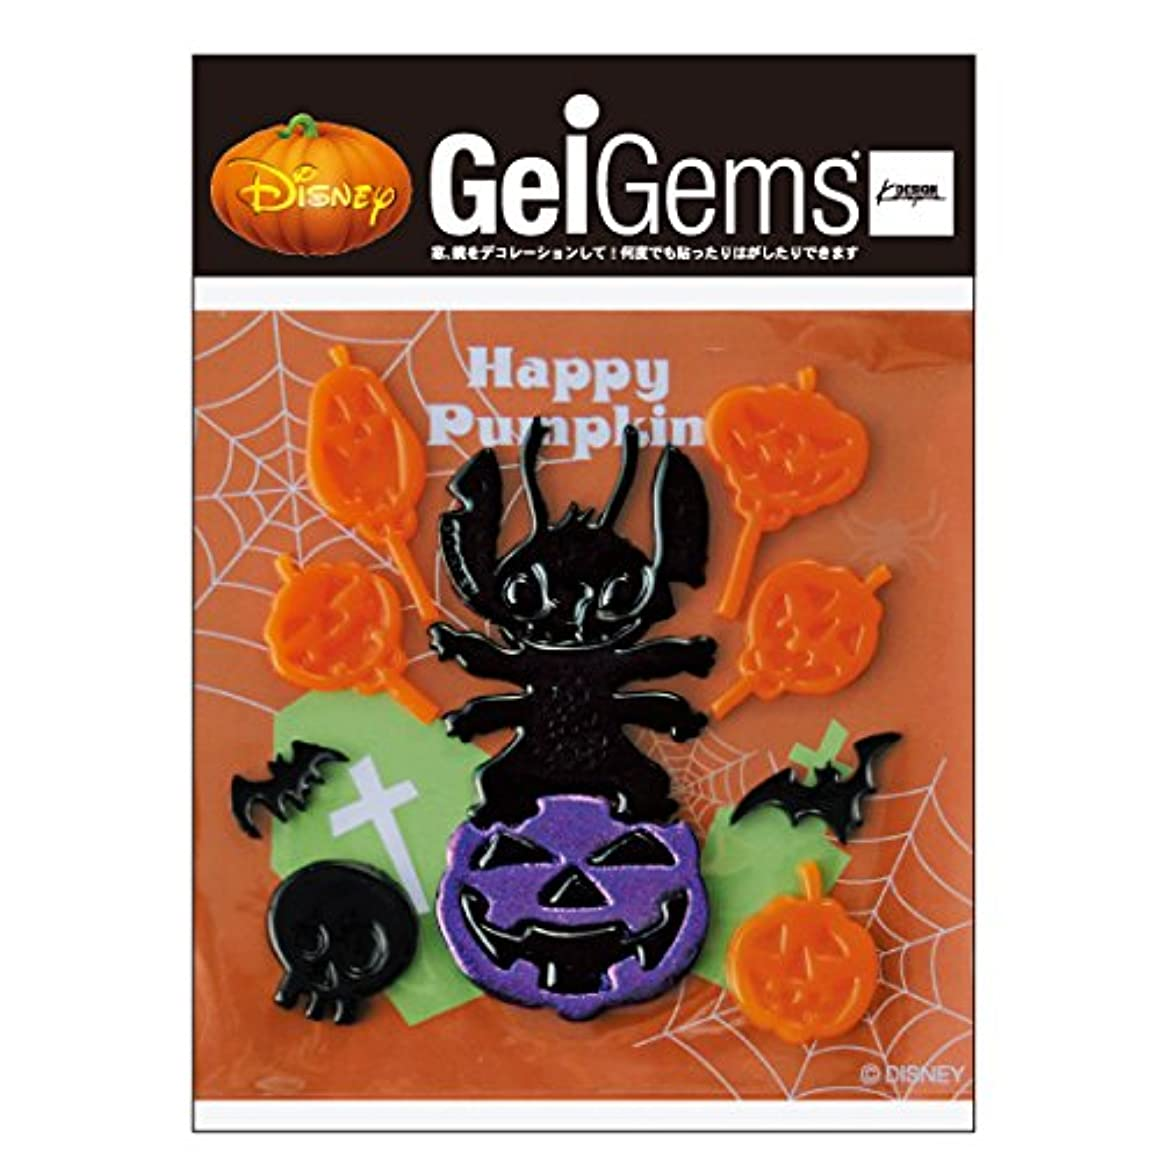 ラブ整理するゴールデンkameyama candle(カメヤマキャンドル) ジェルジェムディズニーバッグS 「 カボチャスティッチ 」 キャンドル 袋:W200×L255×H5mm (e1050036)